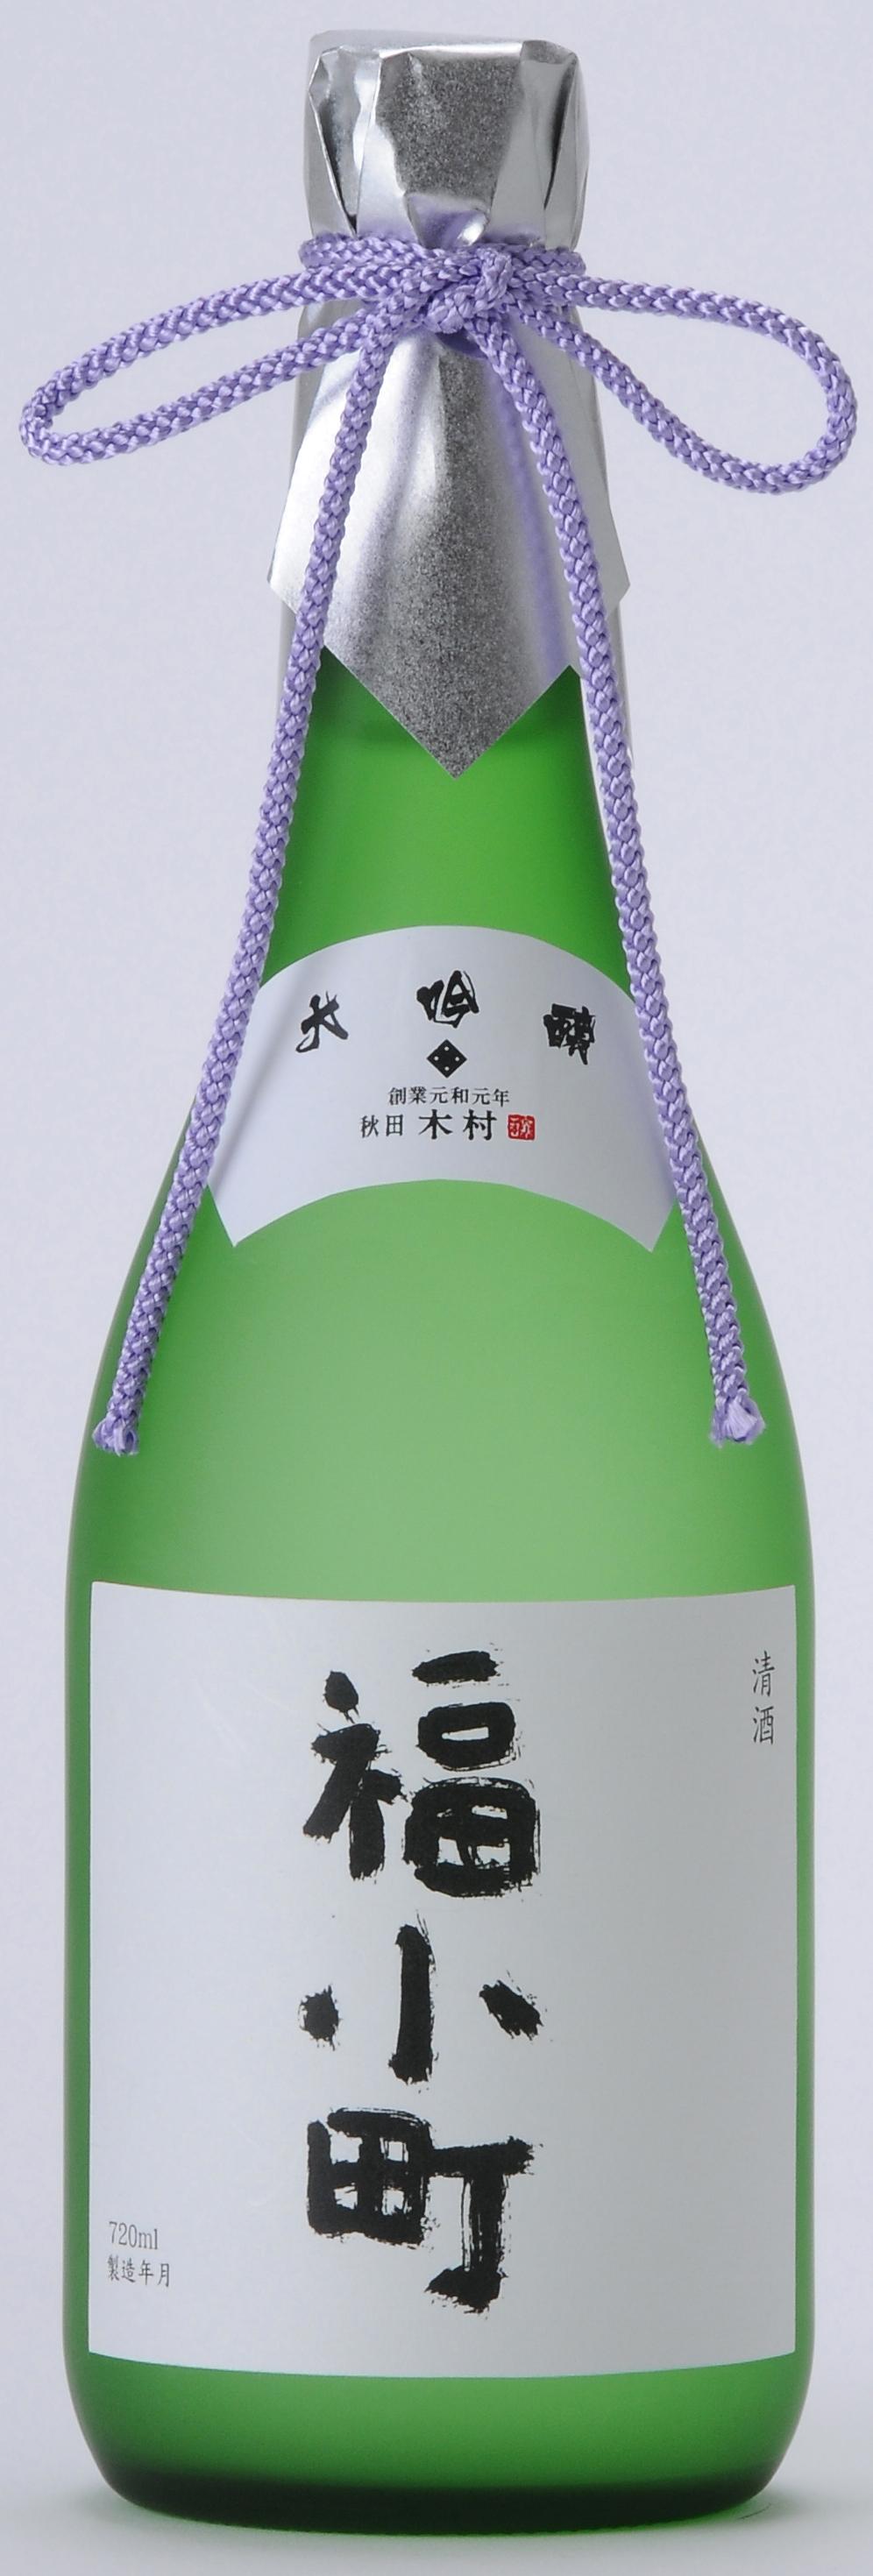 平成25酒造年度 全国新酒鑑評会 木村酒造「福小町」金賞受賞!